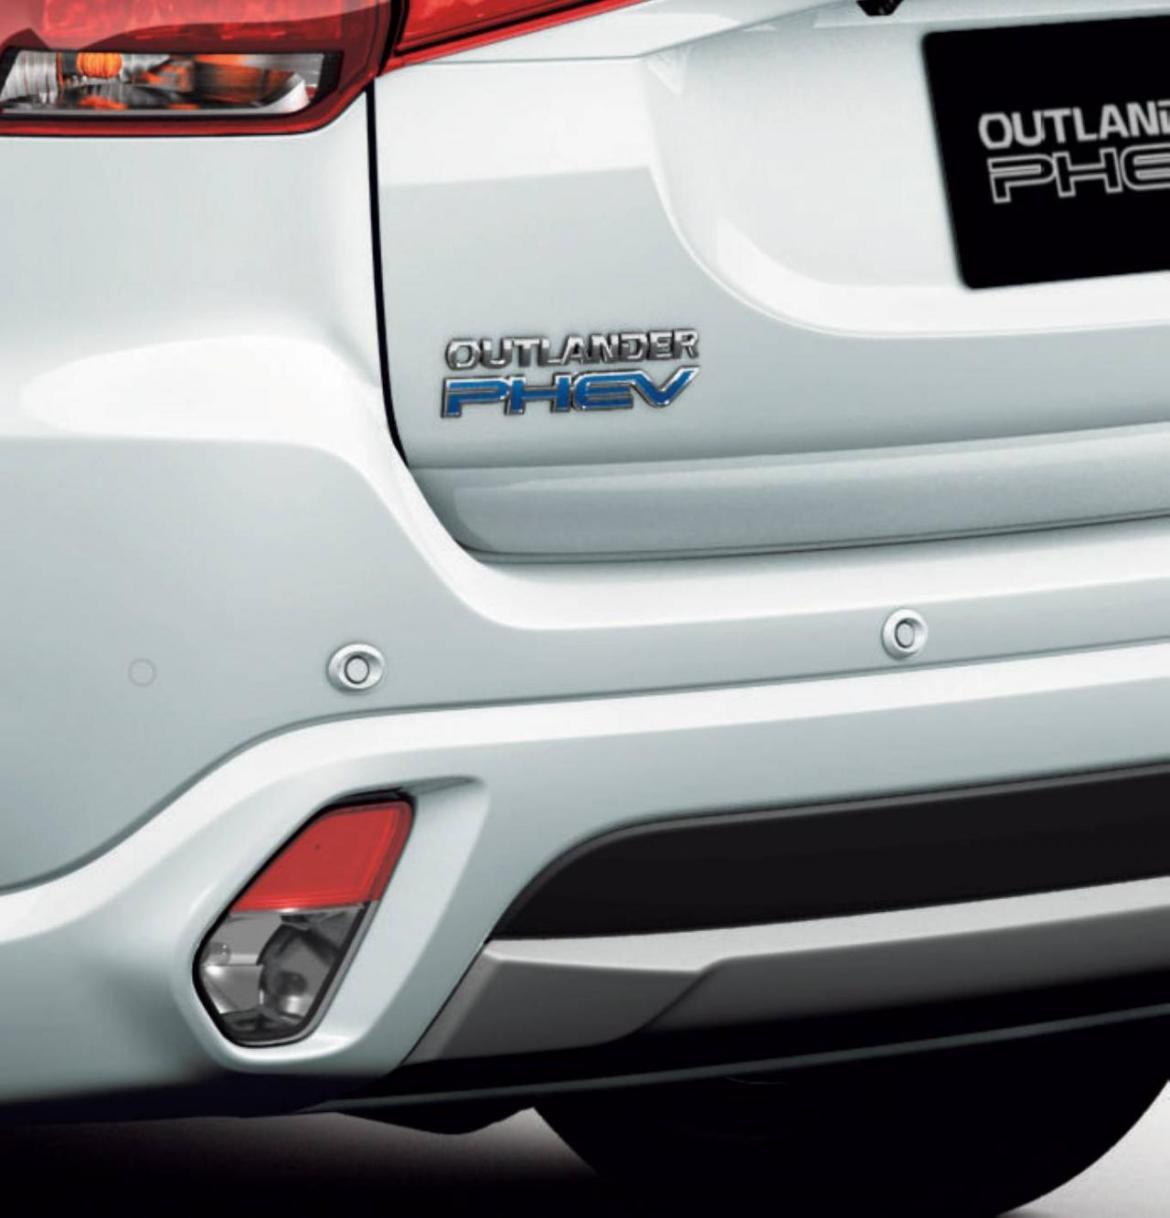 Mitsubishi Outlander PHEV 2016: El híbrido enchufable, ahora con más equipamiento y autonomía 2